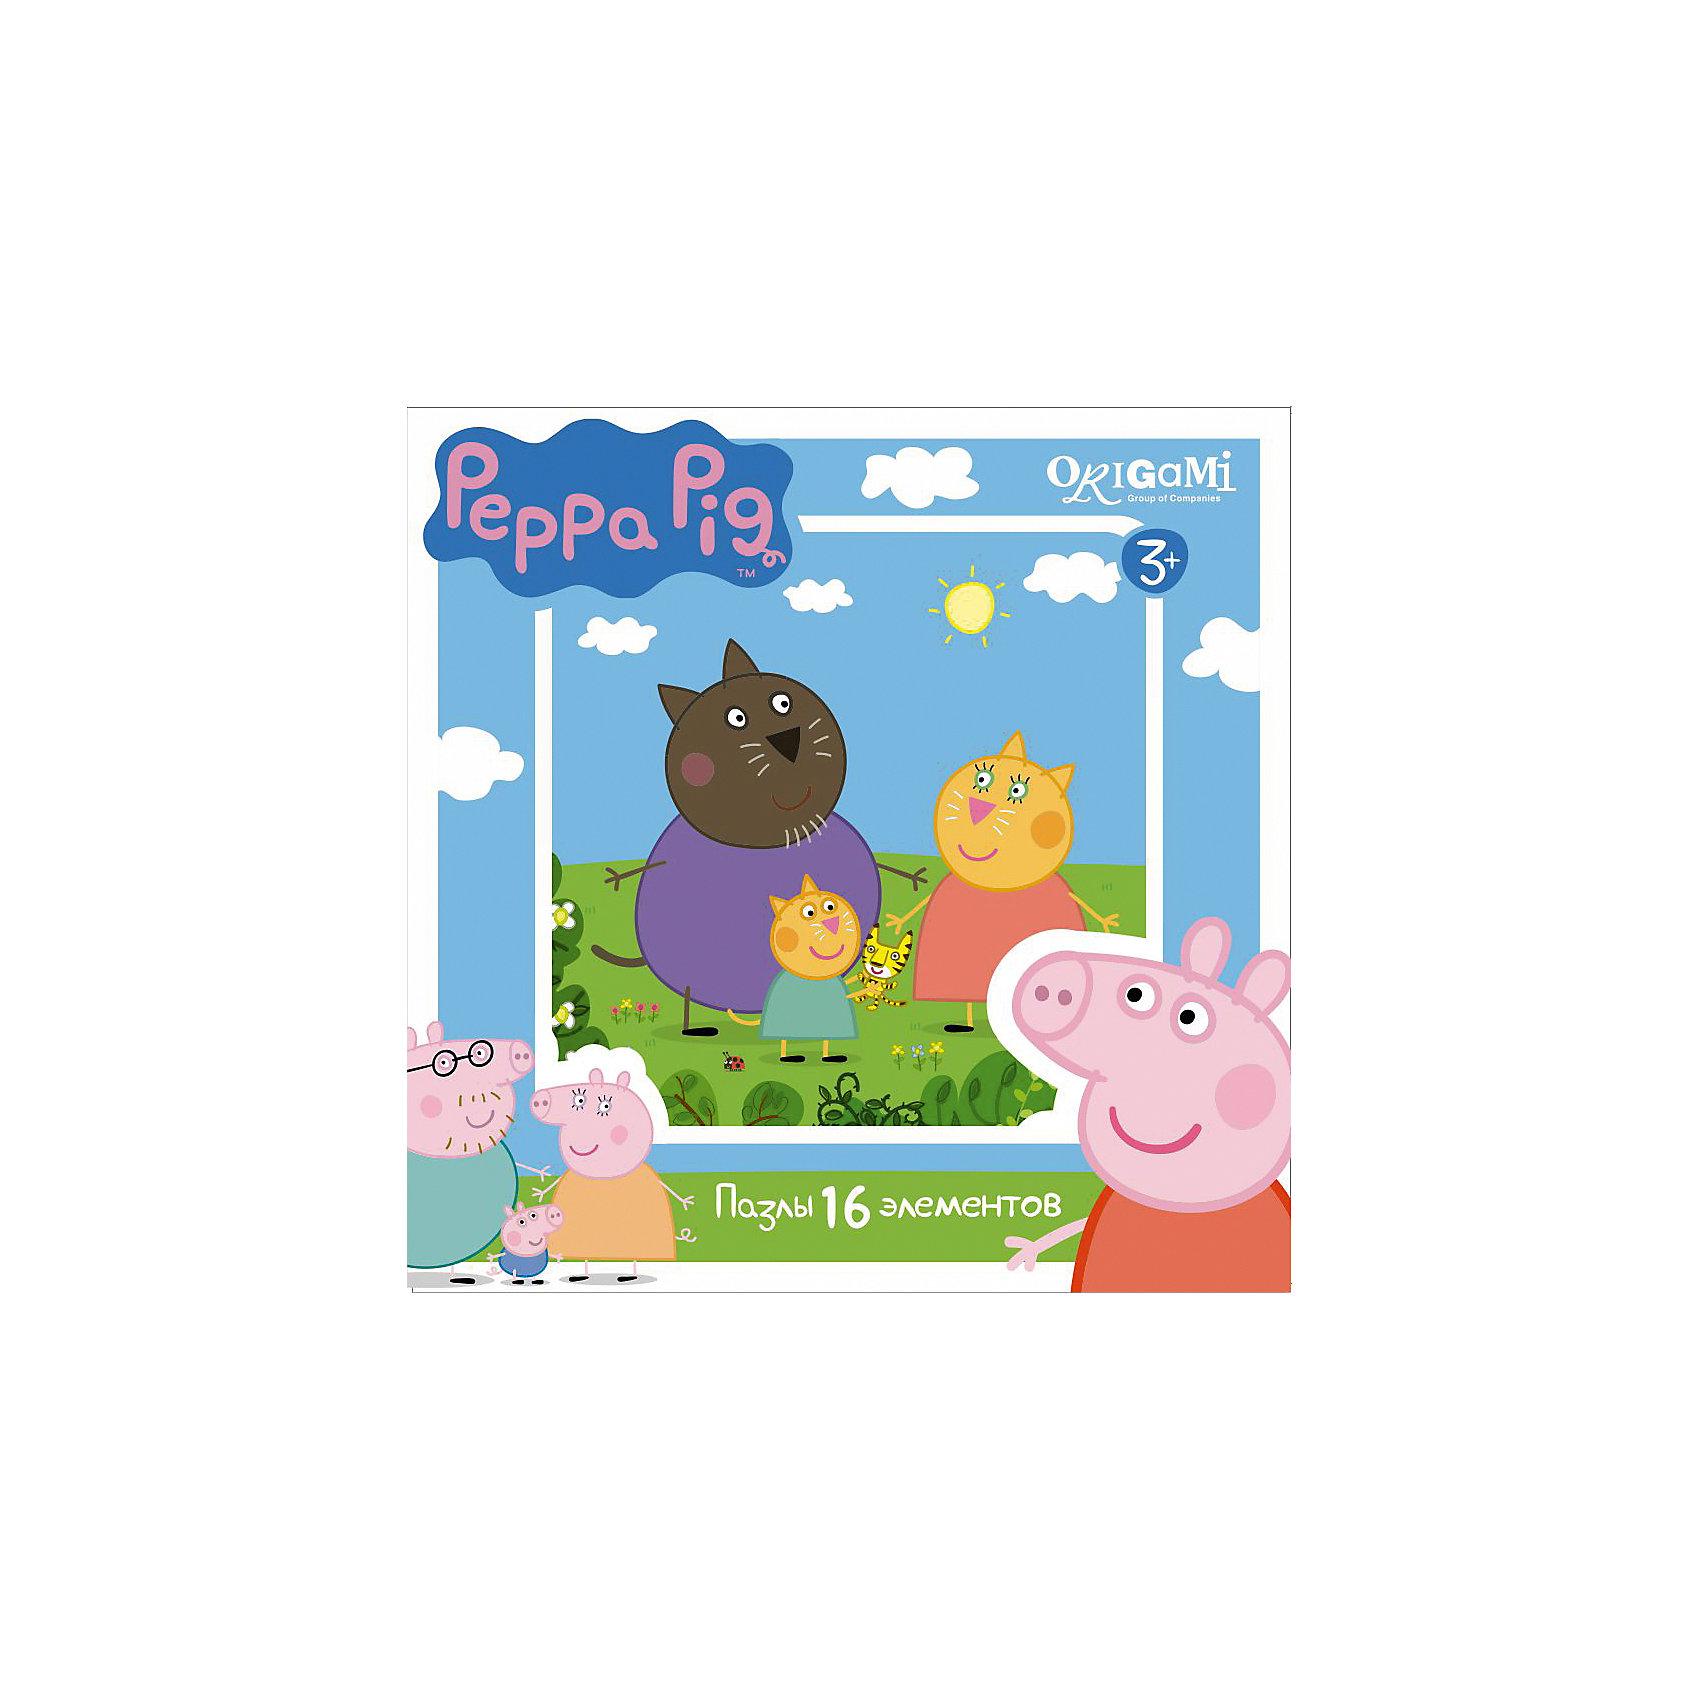 Пазл Свинка Пеппа, 16 деталей, OrigamiПазл Свинка Пеппа, Origami - увлекательный набор для творчества, который заинтересует Вашего малыша и подарит ему отличное настроение. Из деталей пазла он сможет собрать красочную картинку с изображением кошечки Кэнди и ее семьи из популярного мультсериала Свинка Пеппа (Peppa Pig). Пазл отличается высоким качеством полиграфии и насыщенными цветами. Благодаря ламинированному покрытию, картинка надолго сохраняет свой блеск и яркие цвета. Плотный картон не дает деталям мяться и обеспечивает надежное соединение. Собирание<br>пазла способствует развитию логического и пространственного мышления, внимания, мелкой моторики и координации движений.<br><br>Дополнительная информация:<br><br>- Материал: картон. <br>- Количество деталей: 16.<br>- Размер собранной картинки: 21 х 21 см.<br>- Размер упаковки: 15 х 15 х 4 см.<br>- Вес: 130 гр.<br> <br>Пазл Свинка Пеппа, 16 деталей, Origami, можно купить в нашем интернет-магазине.<br><br>Ширина мм: 150<br>Глубина мм: 45<br>Высота мм: 150<br>Вес г: 130<br>Возраст от месяцев: 36<br>Возраст до месяцев: 96<br>Пол: Унисекс<br>Возраст: Детский<br>SKU: 4614926